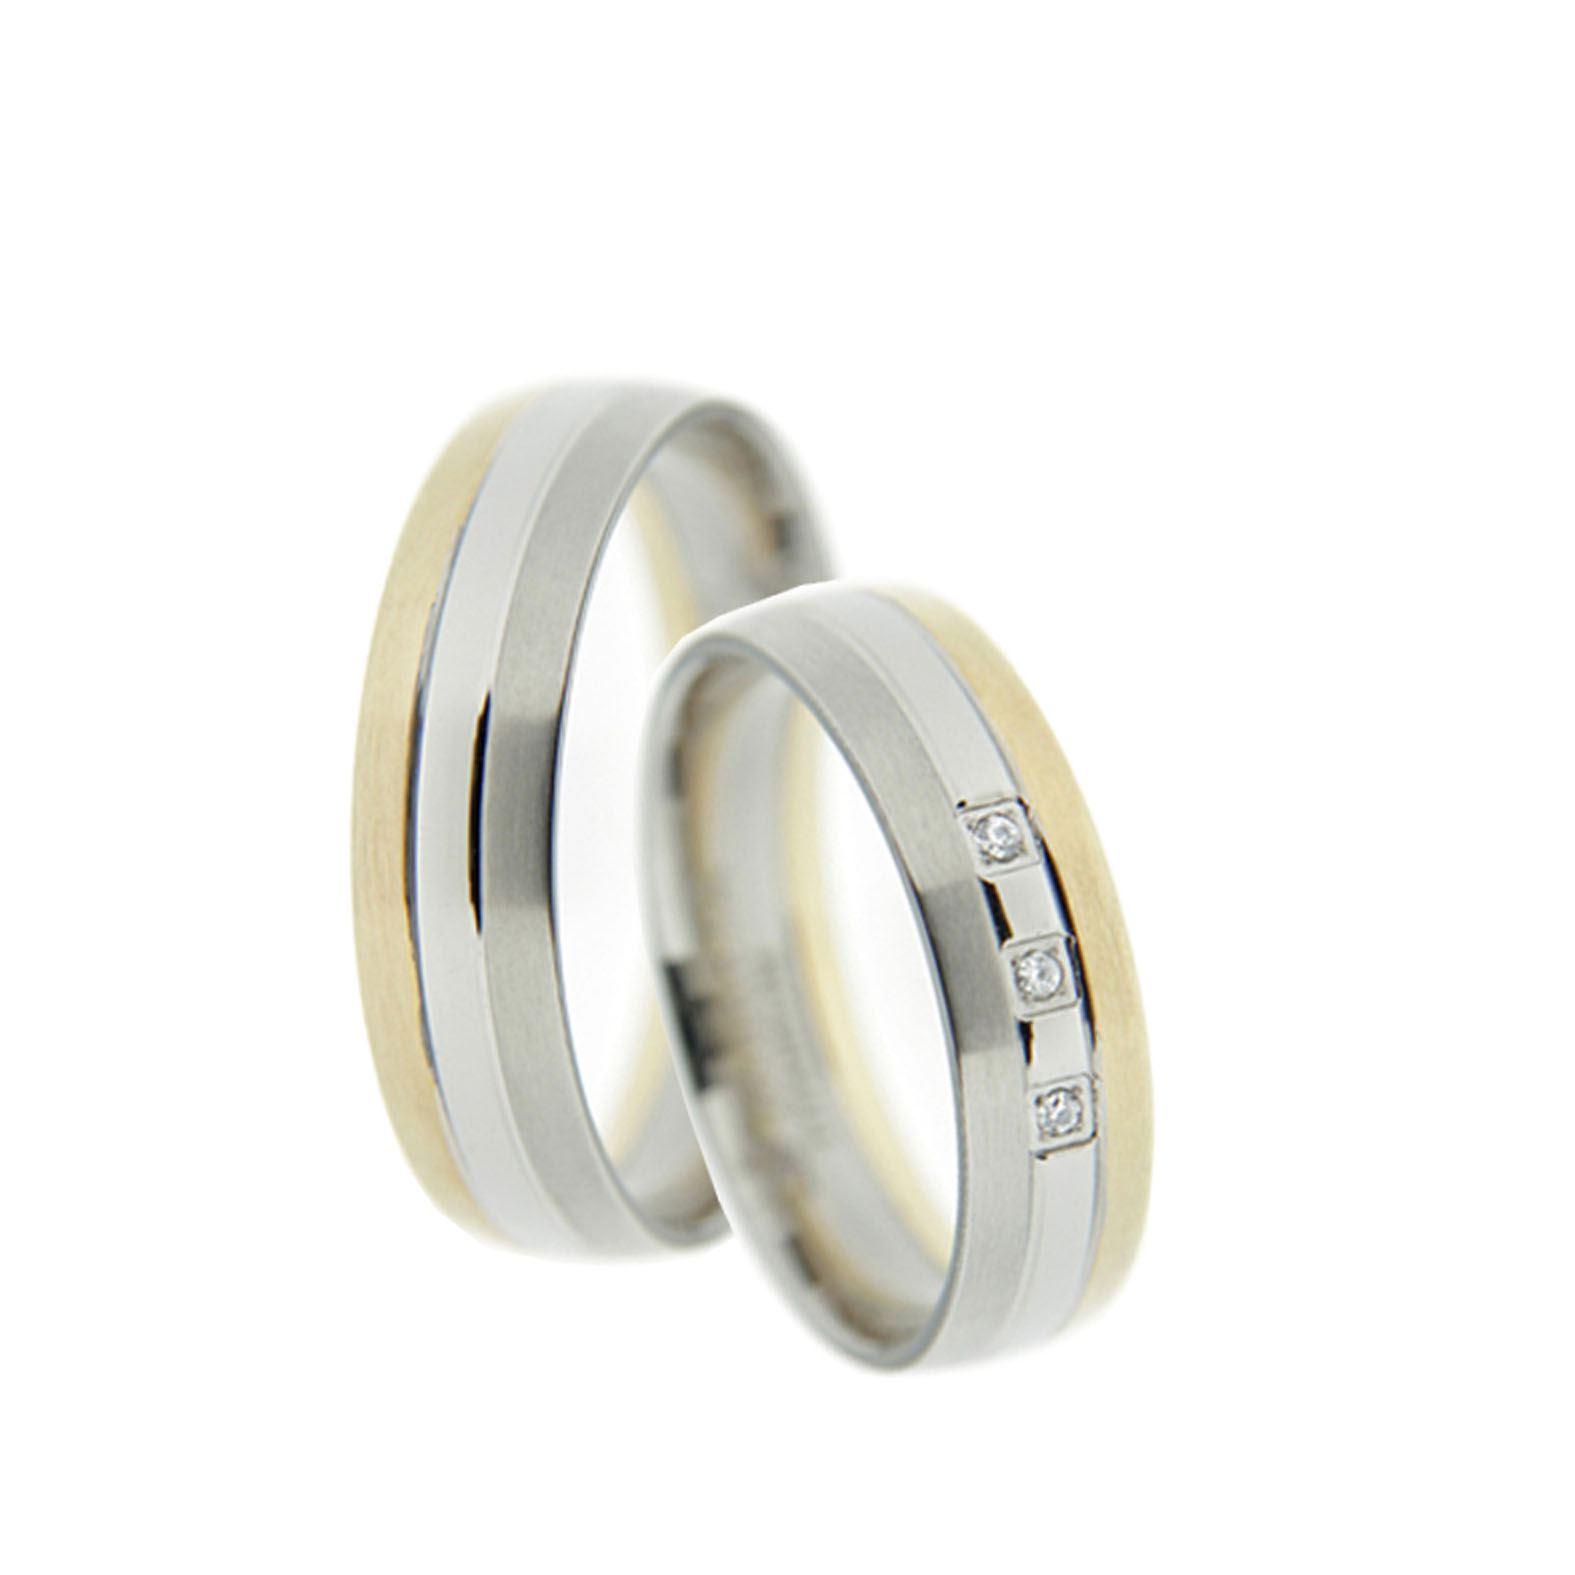 Bicolor Ringe Verlobungsringe, Freundschaftsringe, Partnerringe ...